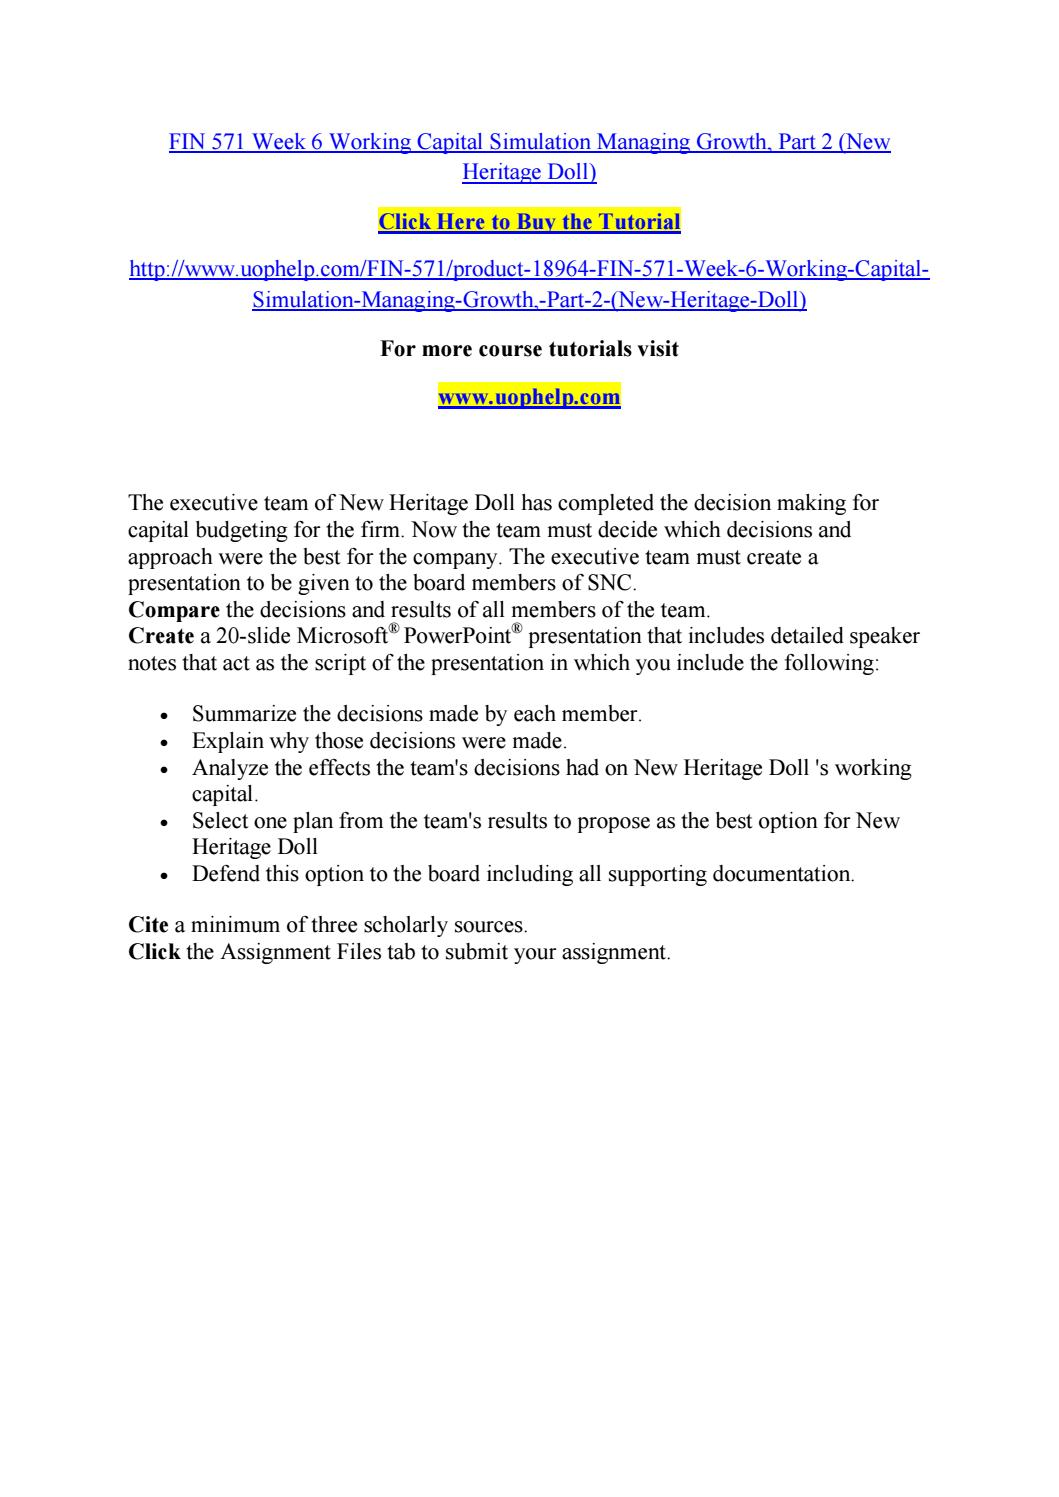 宁夏理工学院大学生心理健康中心团体辅导室、咨询室管理